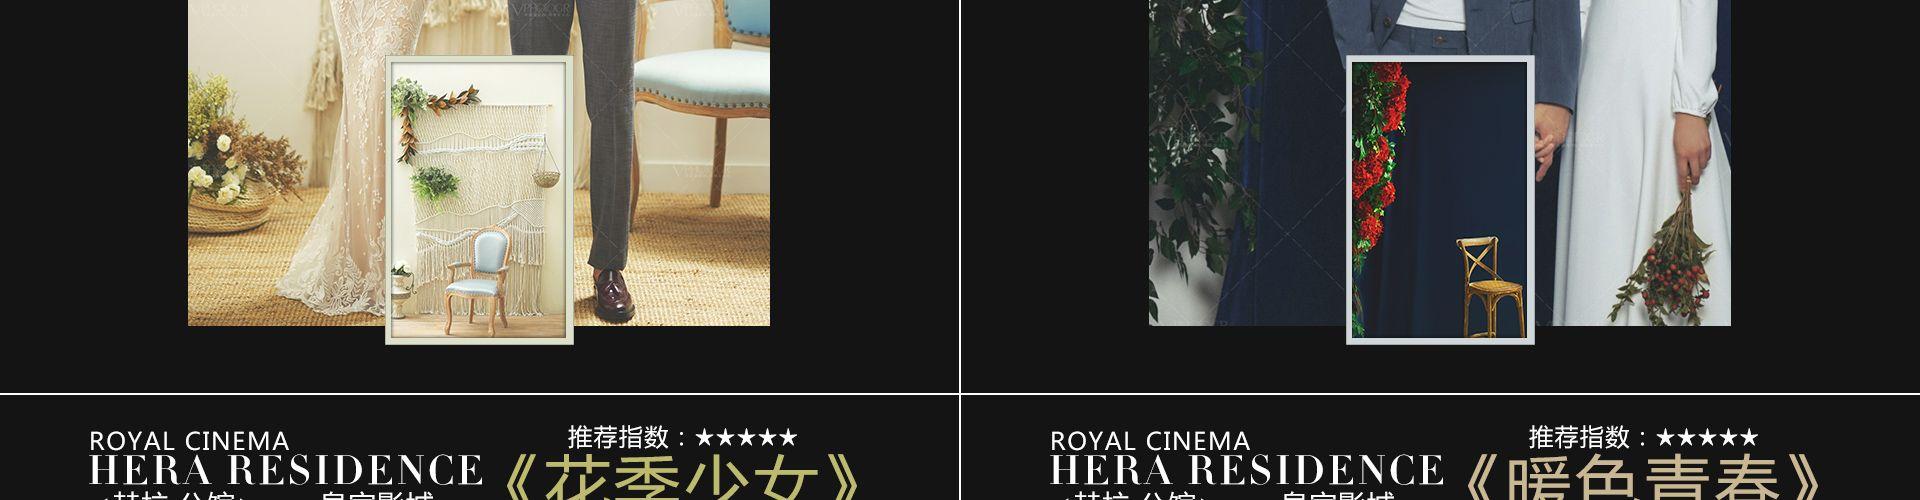 殿堂级-----皇家影城基地<赫拉·公馆>